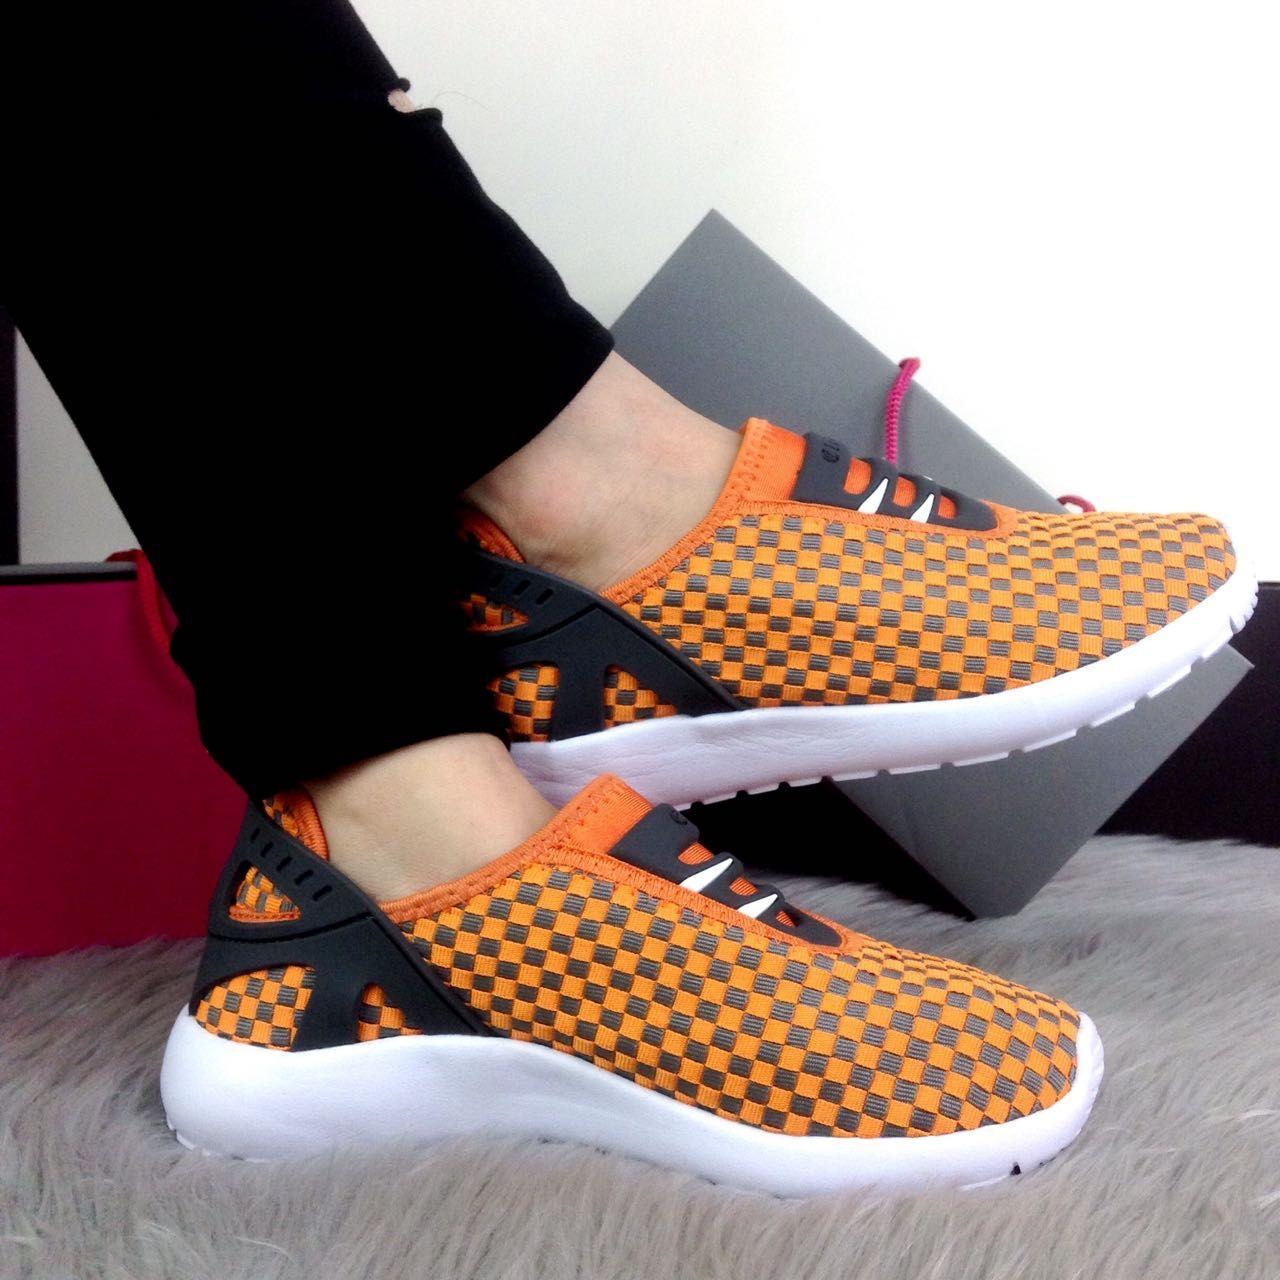 Sepatu Sneakers Eliza Belmond 991 Import Terbaru Sepatu Sepatu